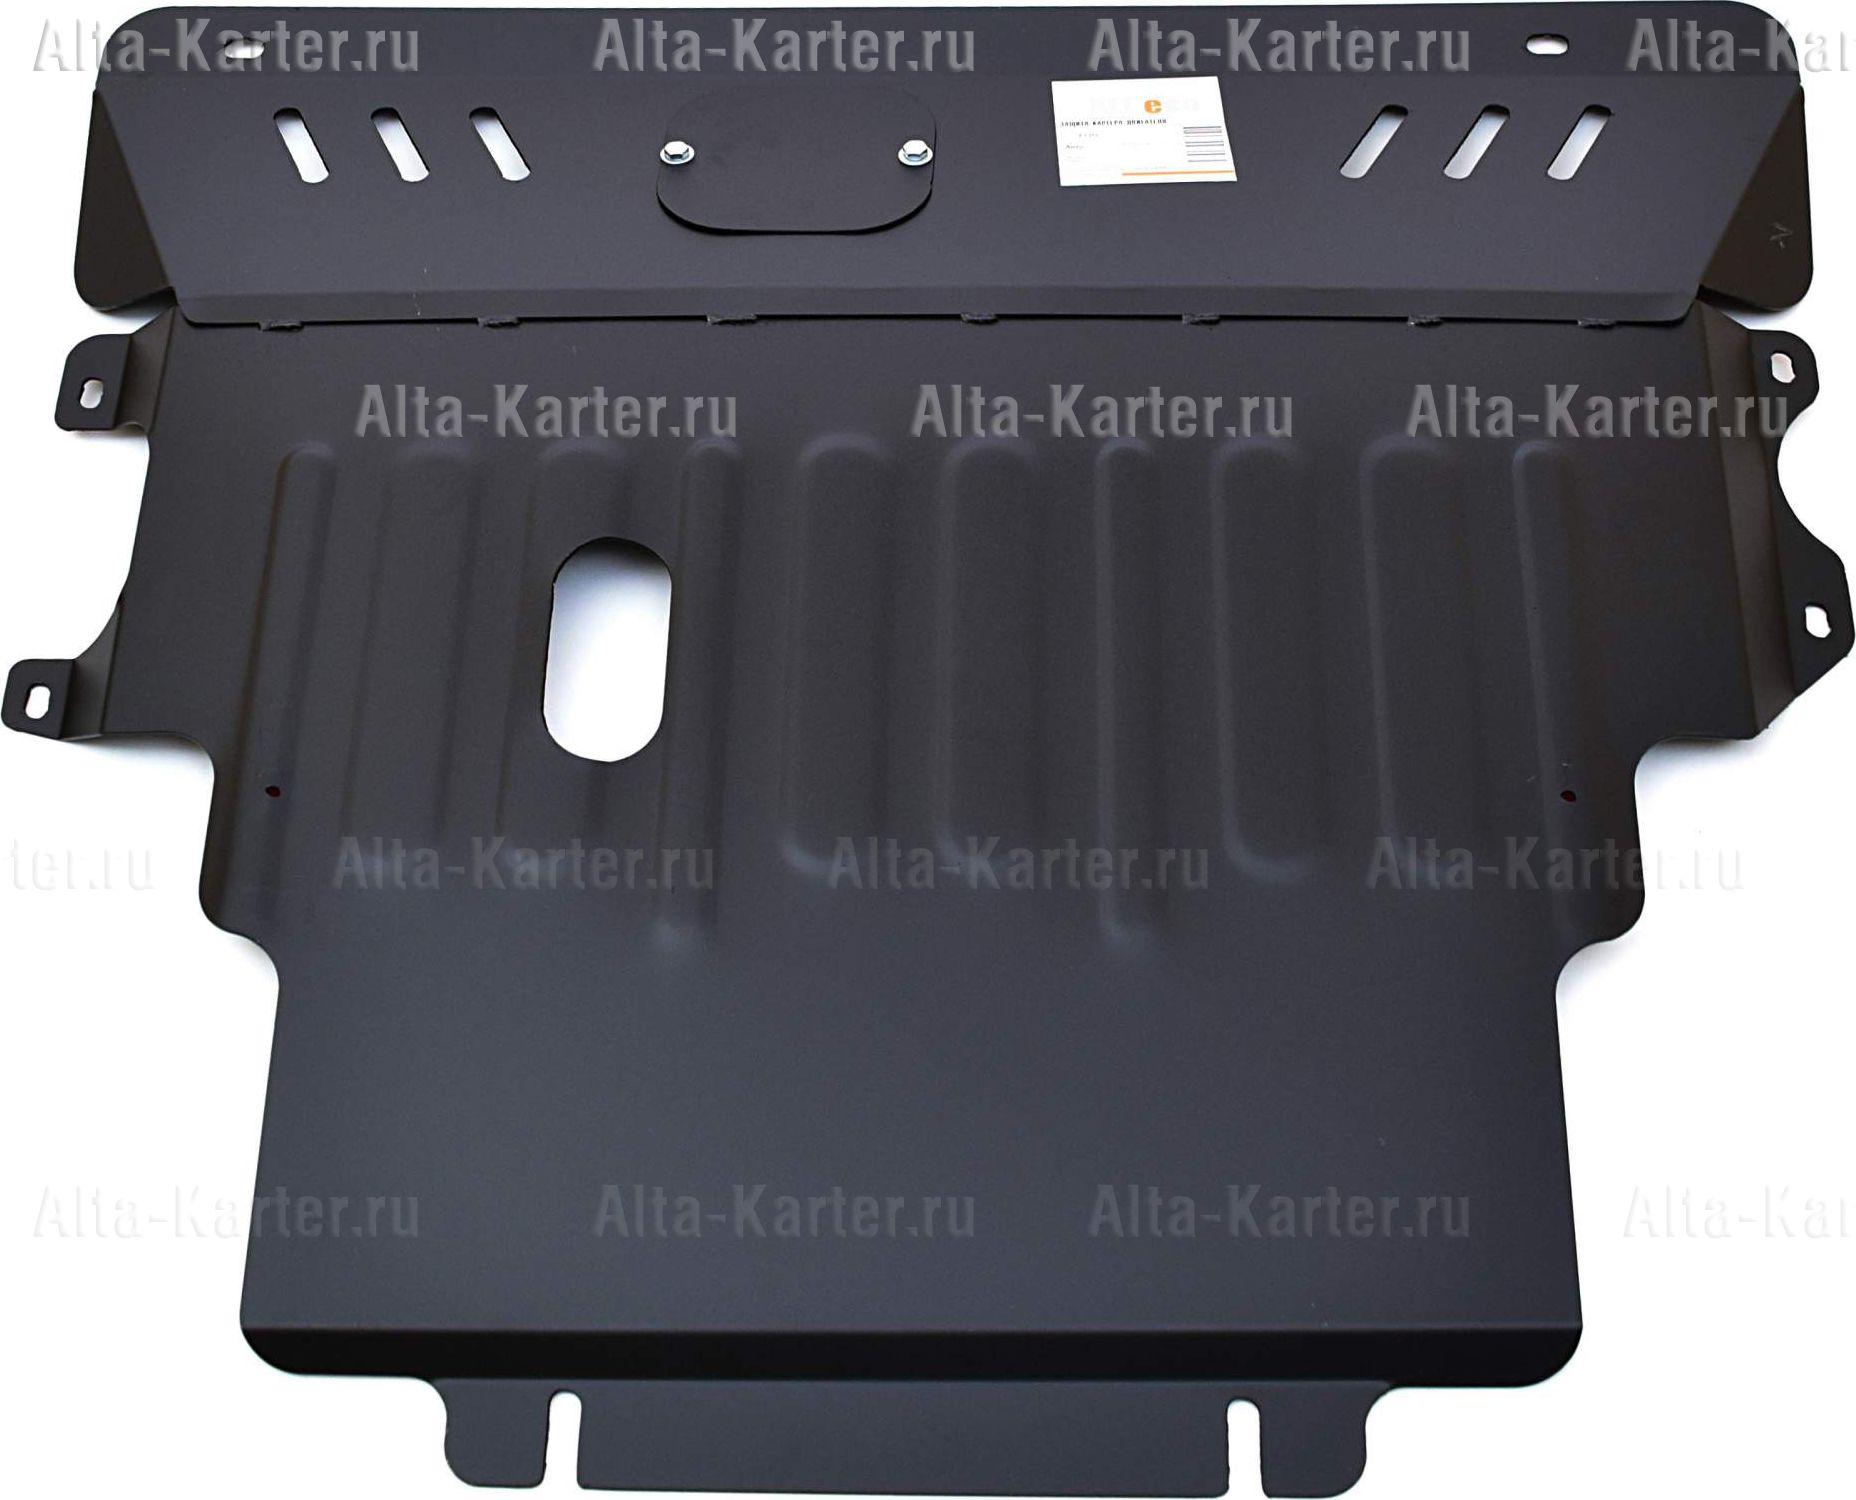 Защита Alfeco для картера и КПП Mazda 5 II 2005-2010. Артикул ALF.13.03